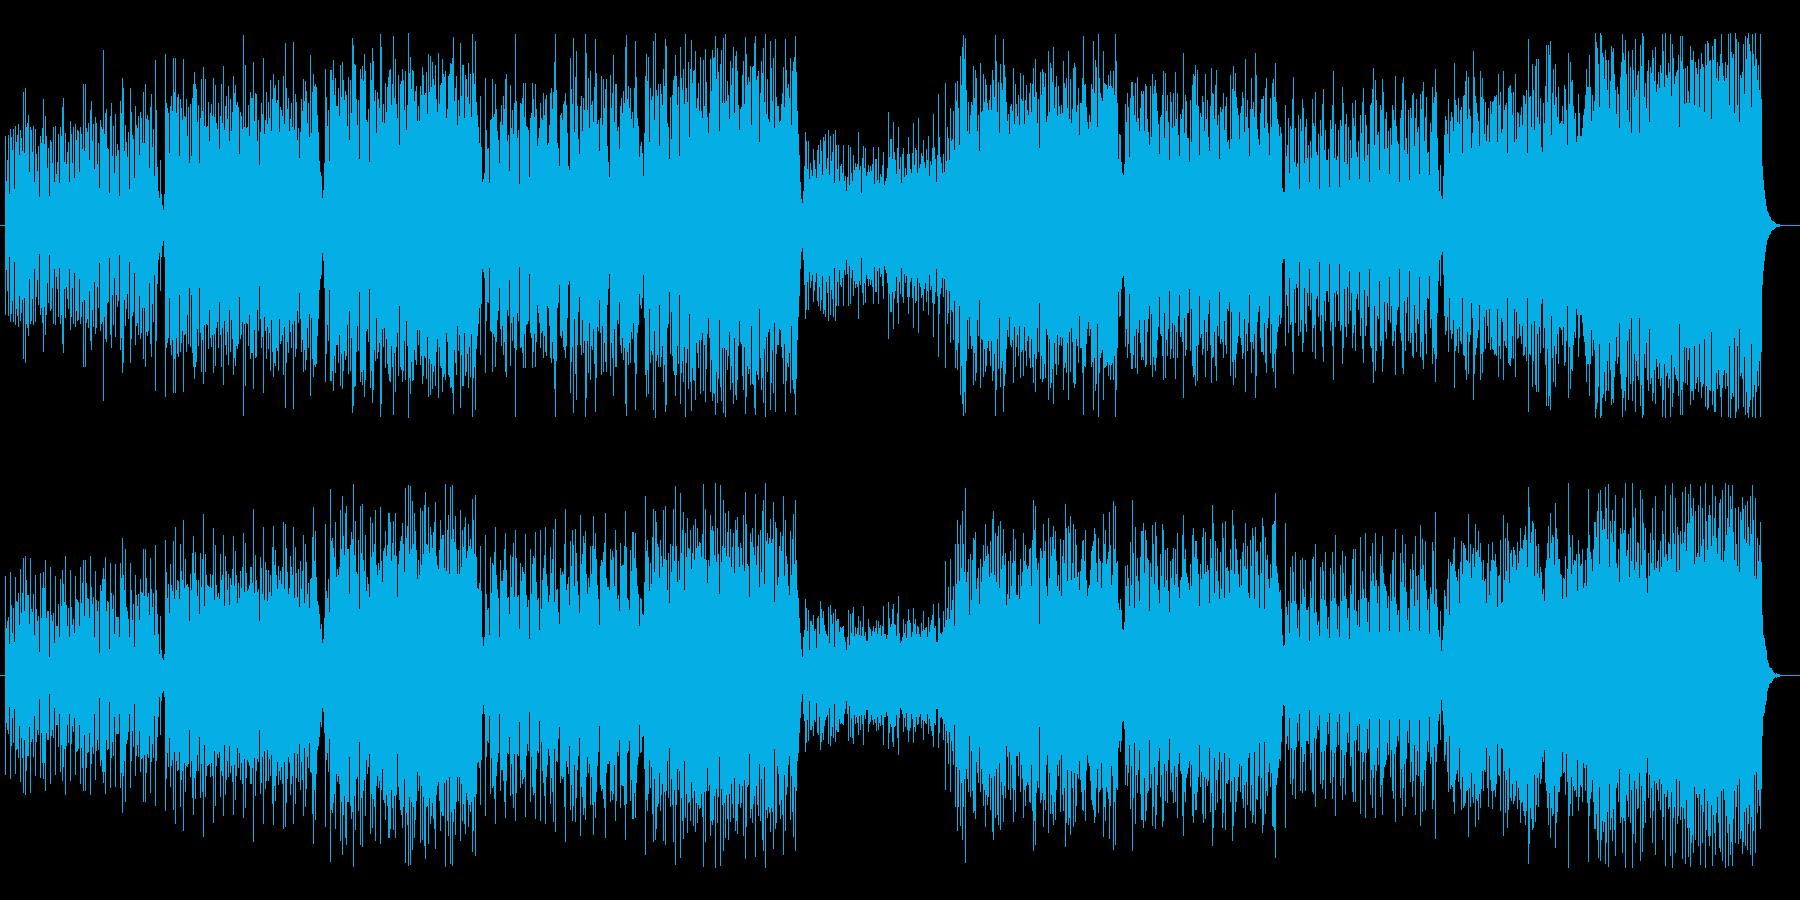 フィンランド民謡のイエヴァン・ポルカの再生済みの波形